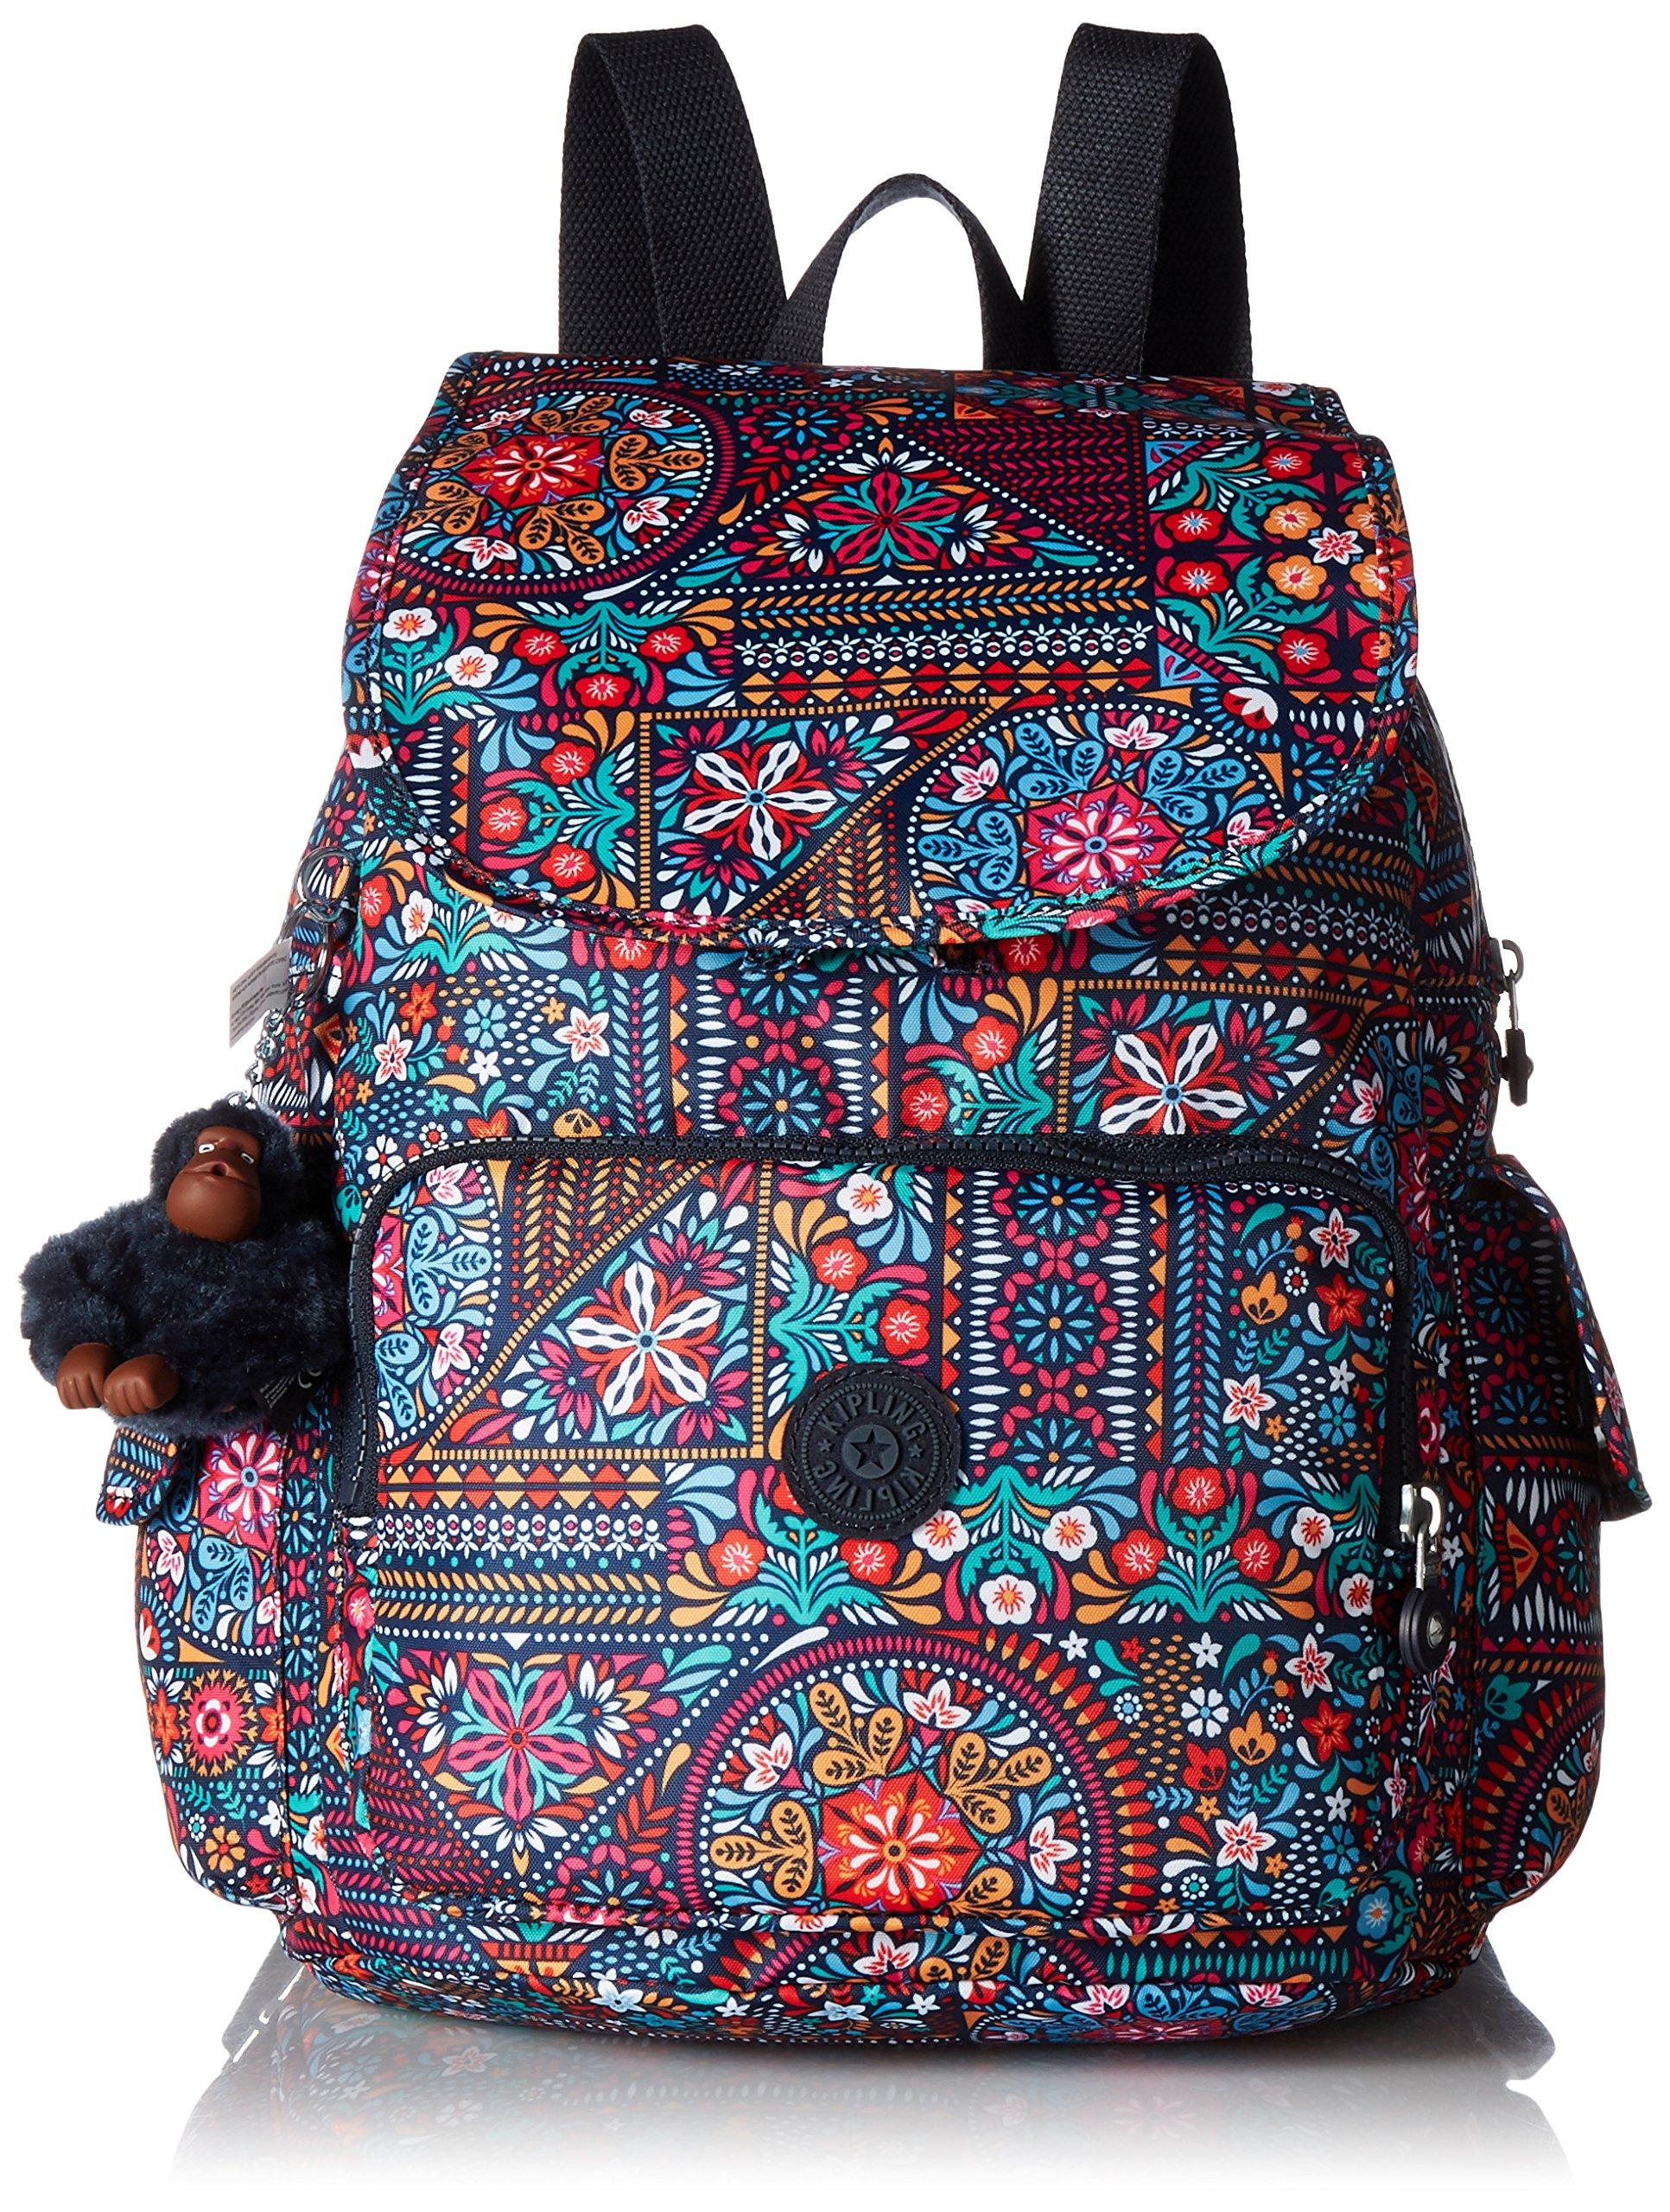 Kipling Ravier Printed Backpack, Dzdrlngmlt by Kipling